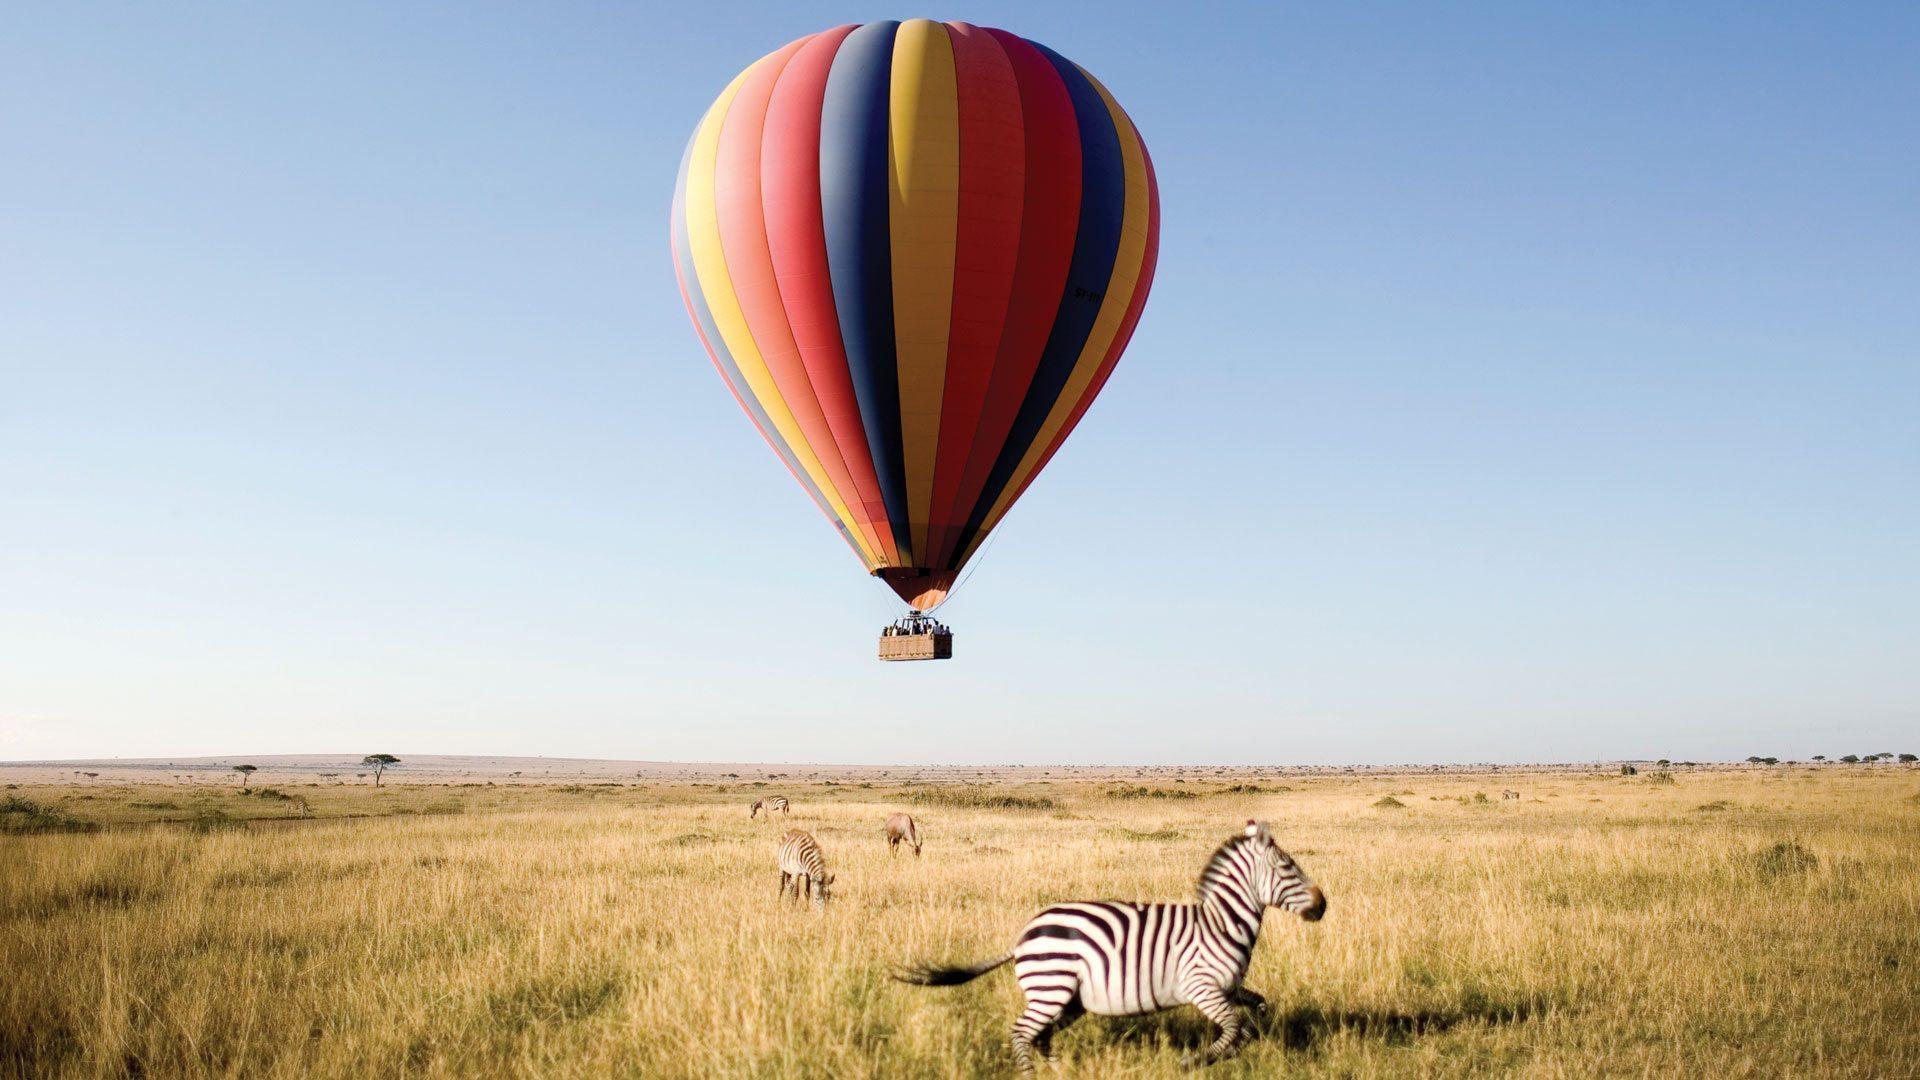 Hot Air Balloon Safari - Ashford Tours & Travel Ltd